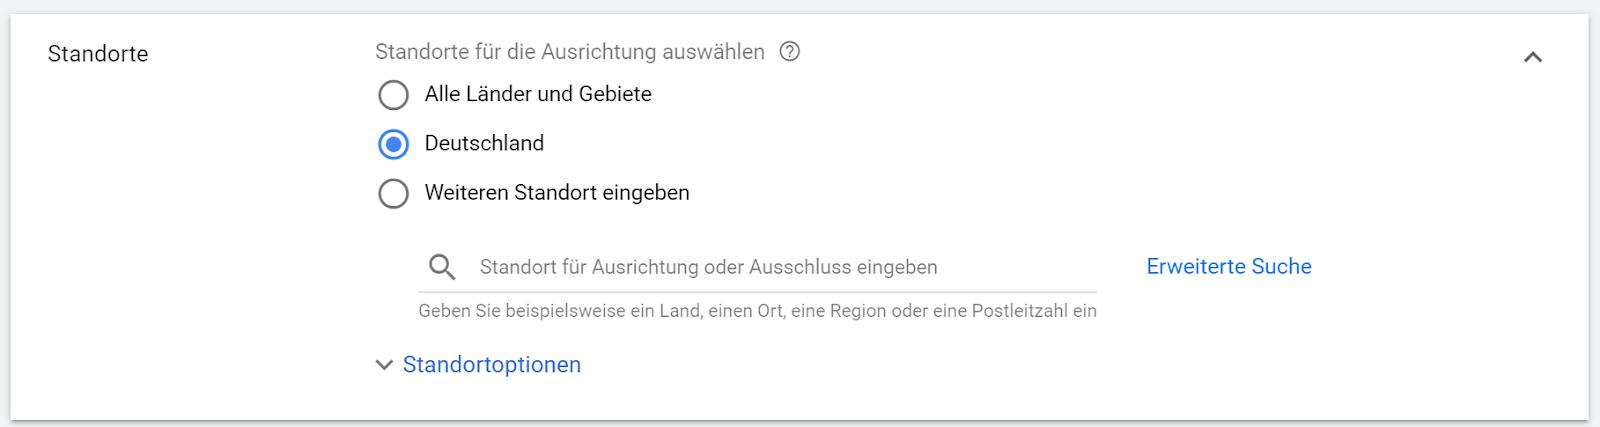 Auswahl des Standortes bei Google Ads